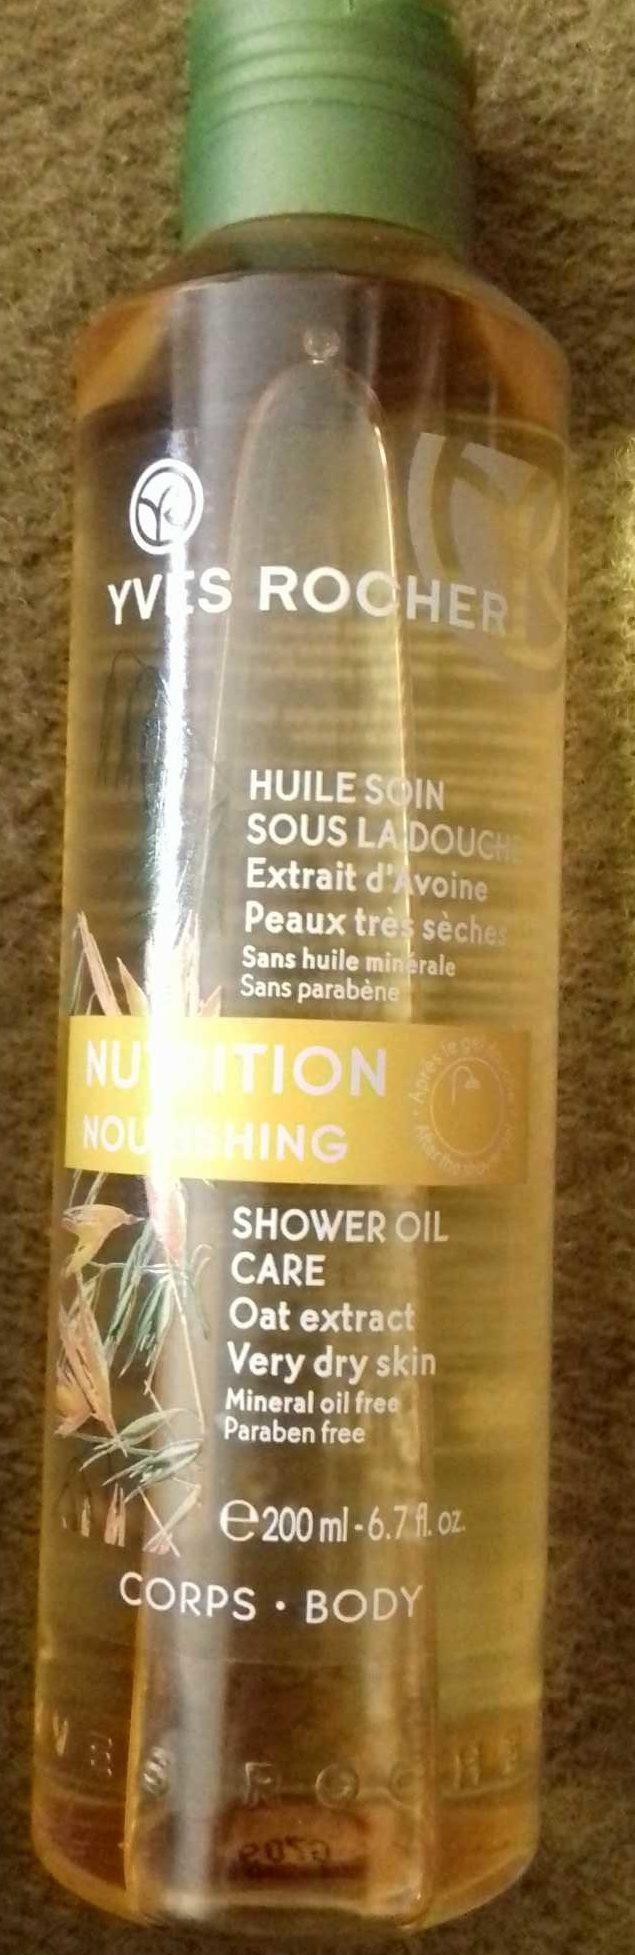 Huile soin sous la douche - Product - fr